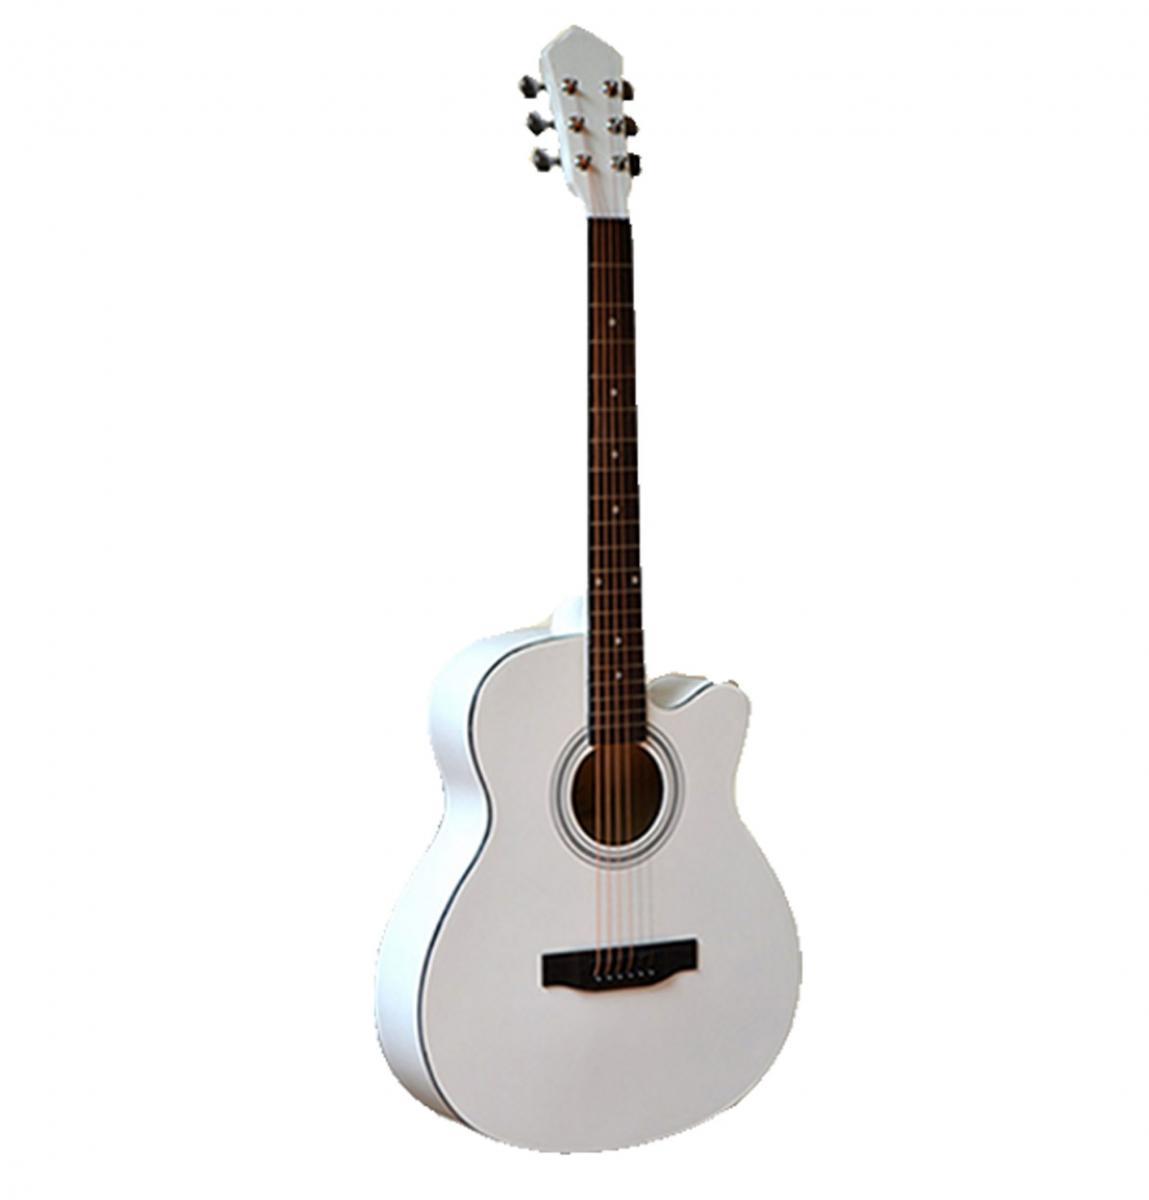 guitar-caravan-hs-4010-nat-1